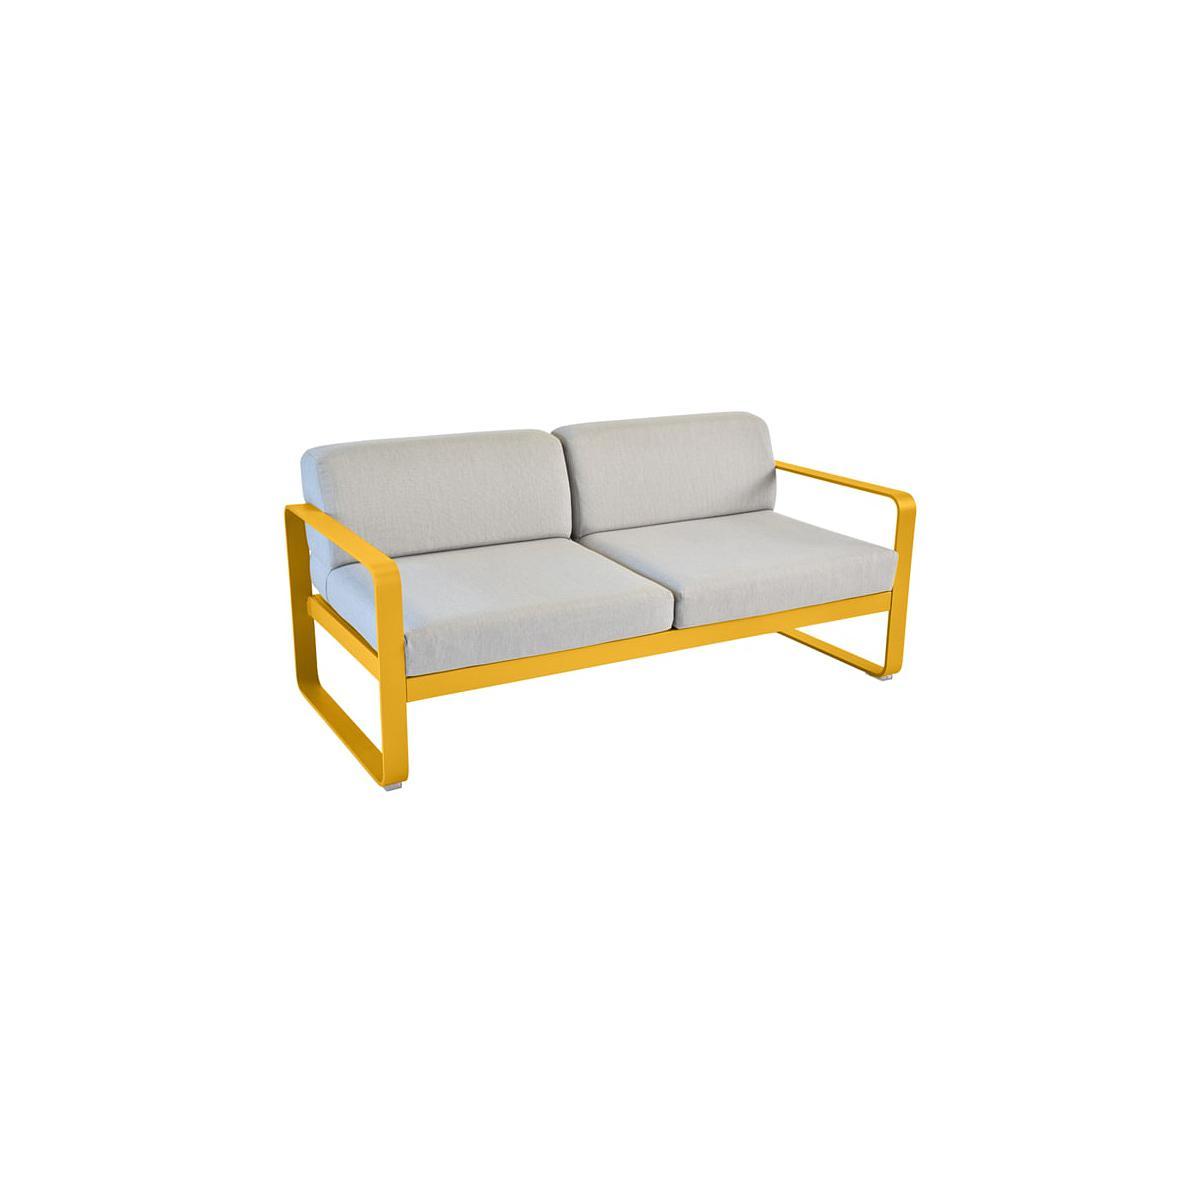 Canapé de jardin BELLEVIE Fermob MIEL coussins gris flanelle